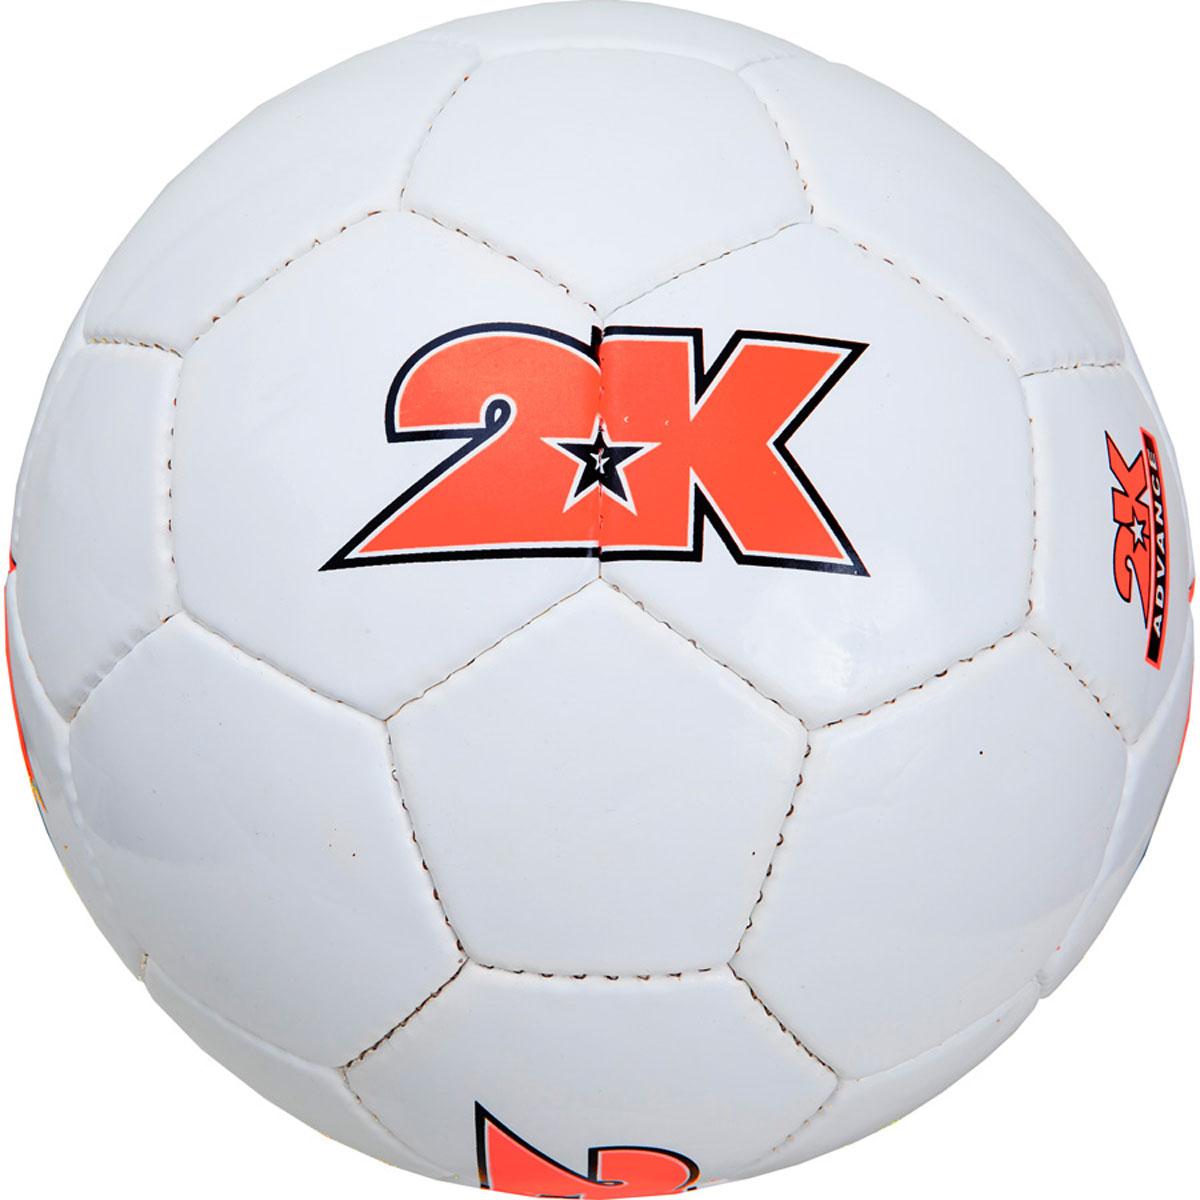 Мяч футбольный 2K Sport Advance, цвет: белый, оранжевый. Размер 3 2k sport 2k sport fenix pro cotton ls